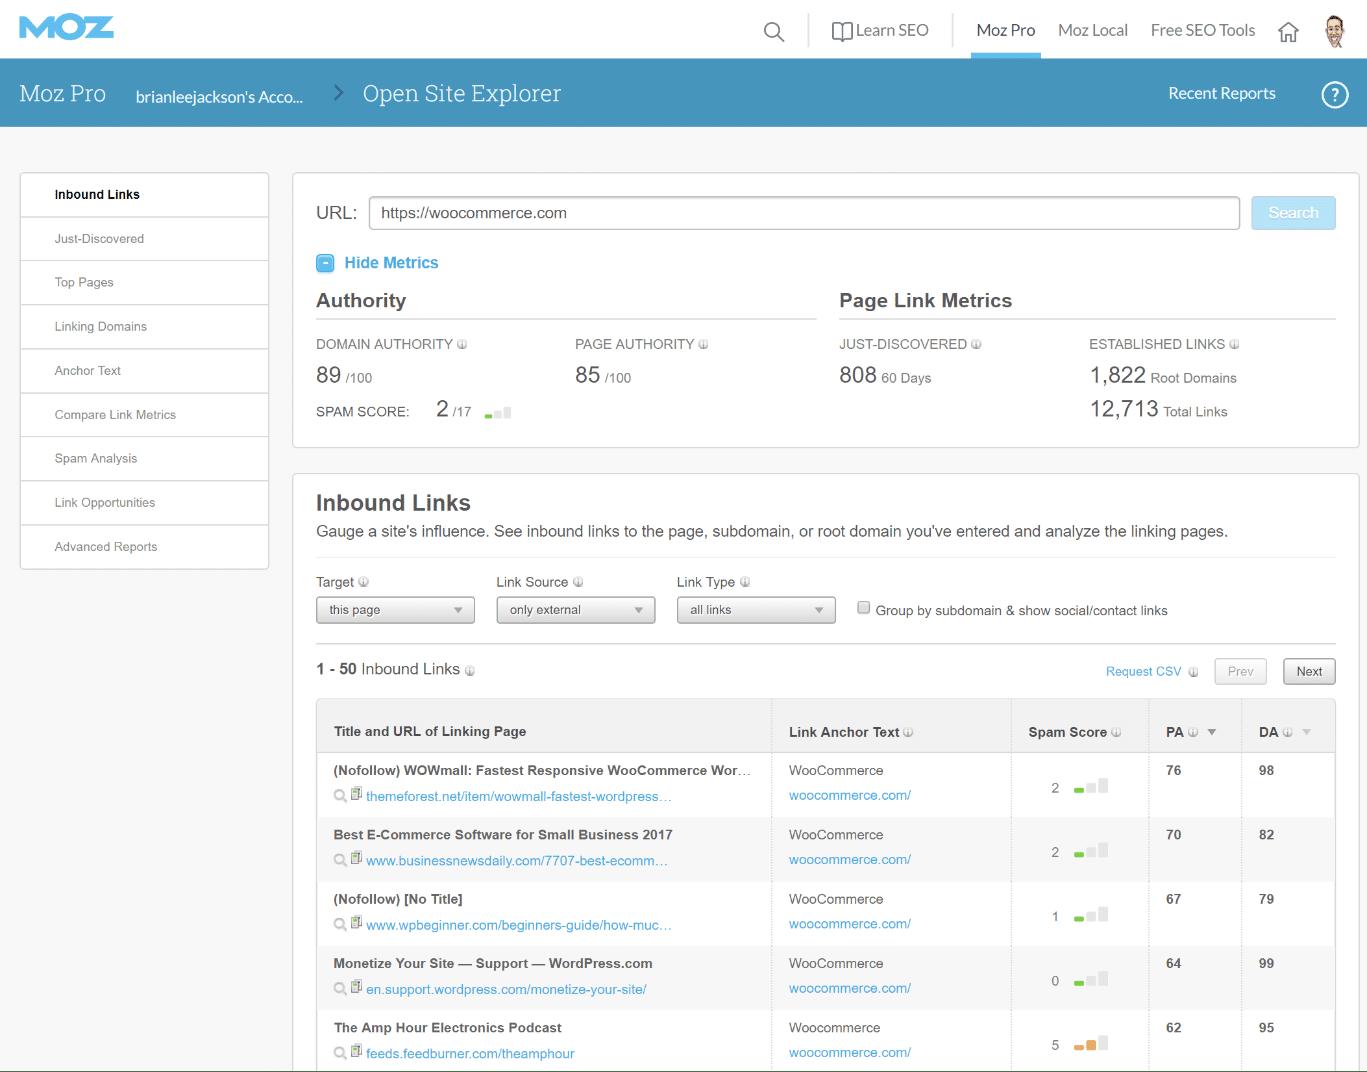 Il servizio Moz Open Site Explorer